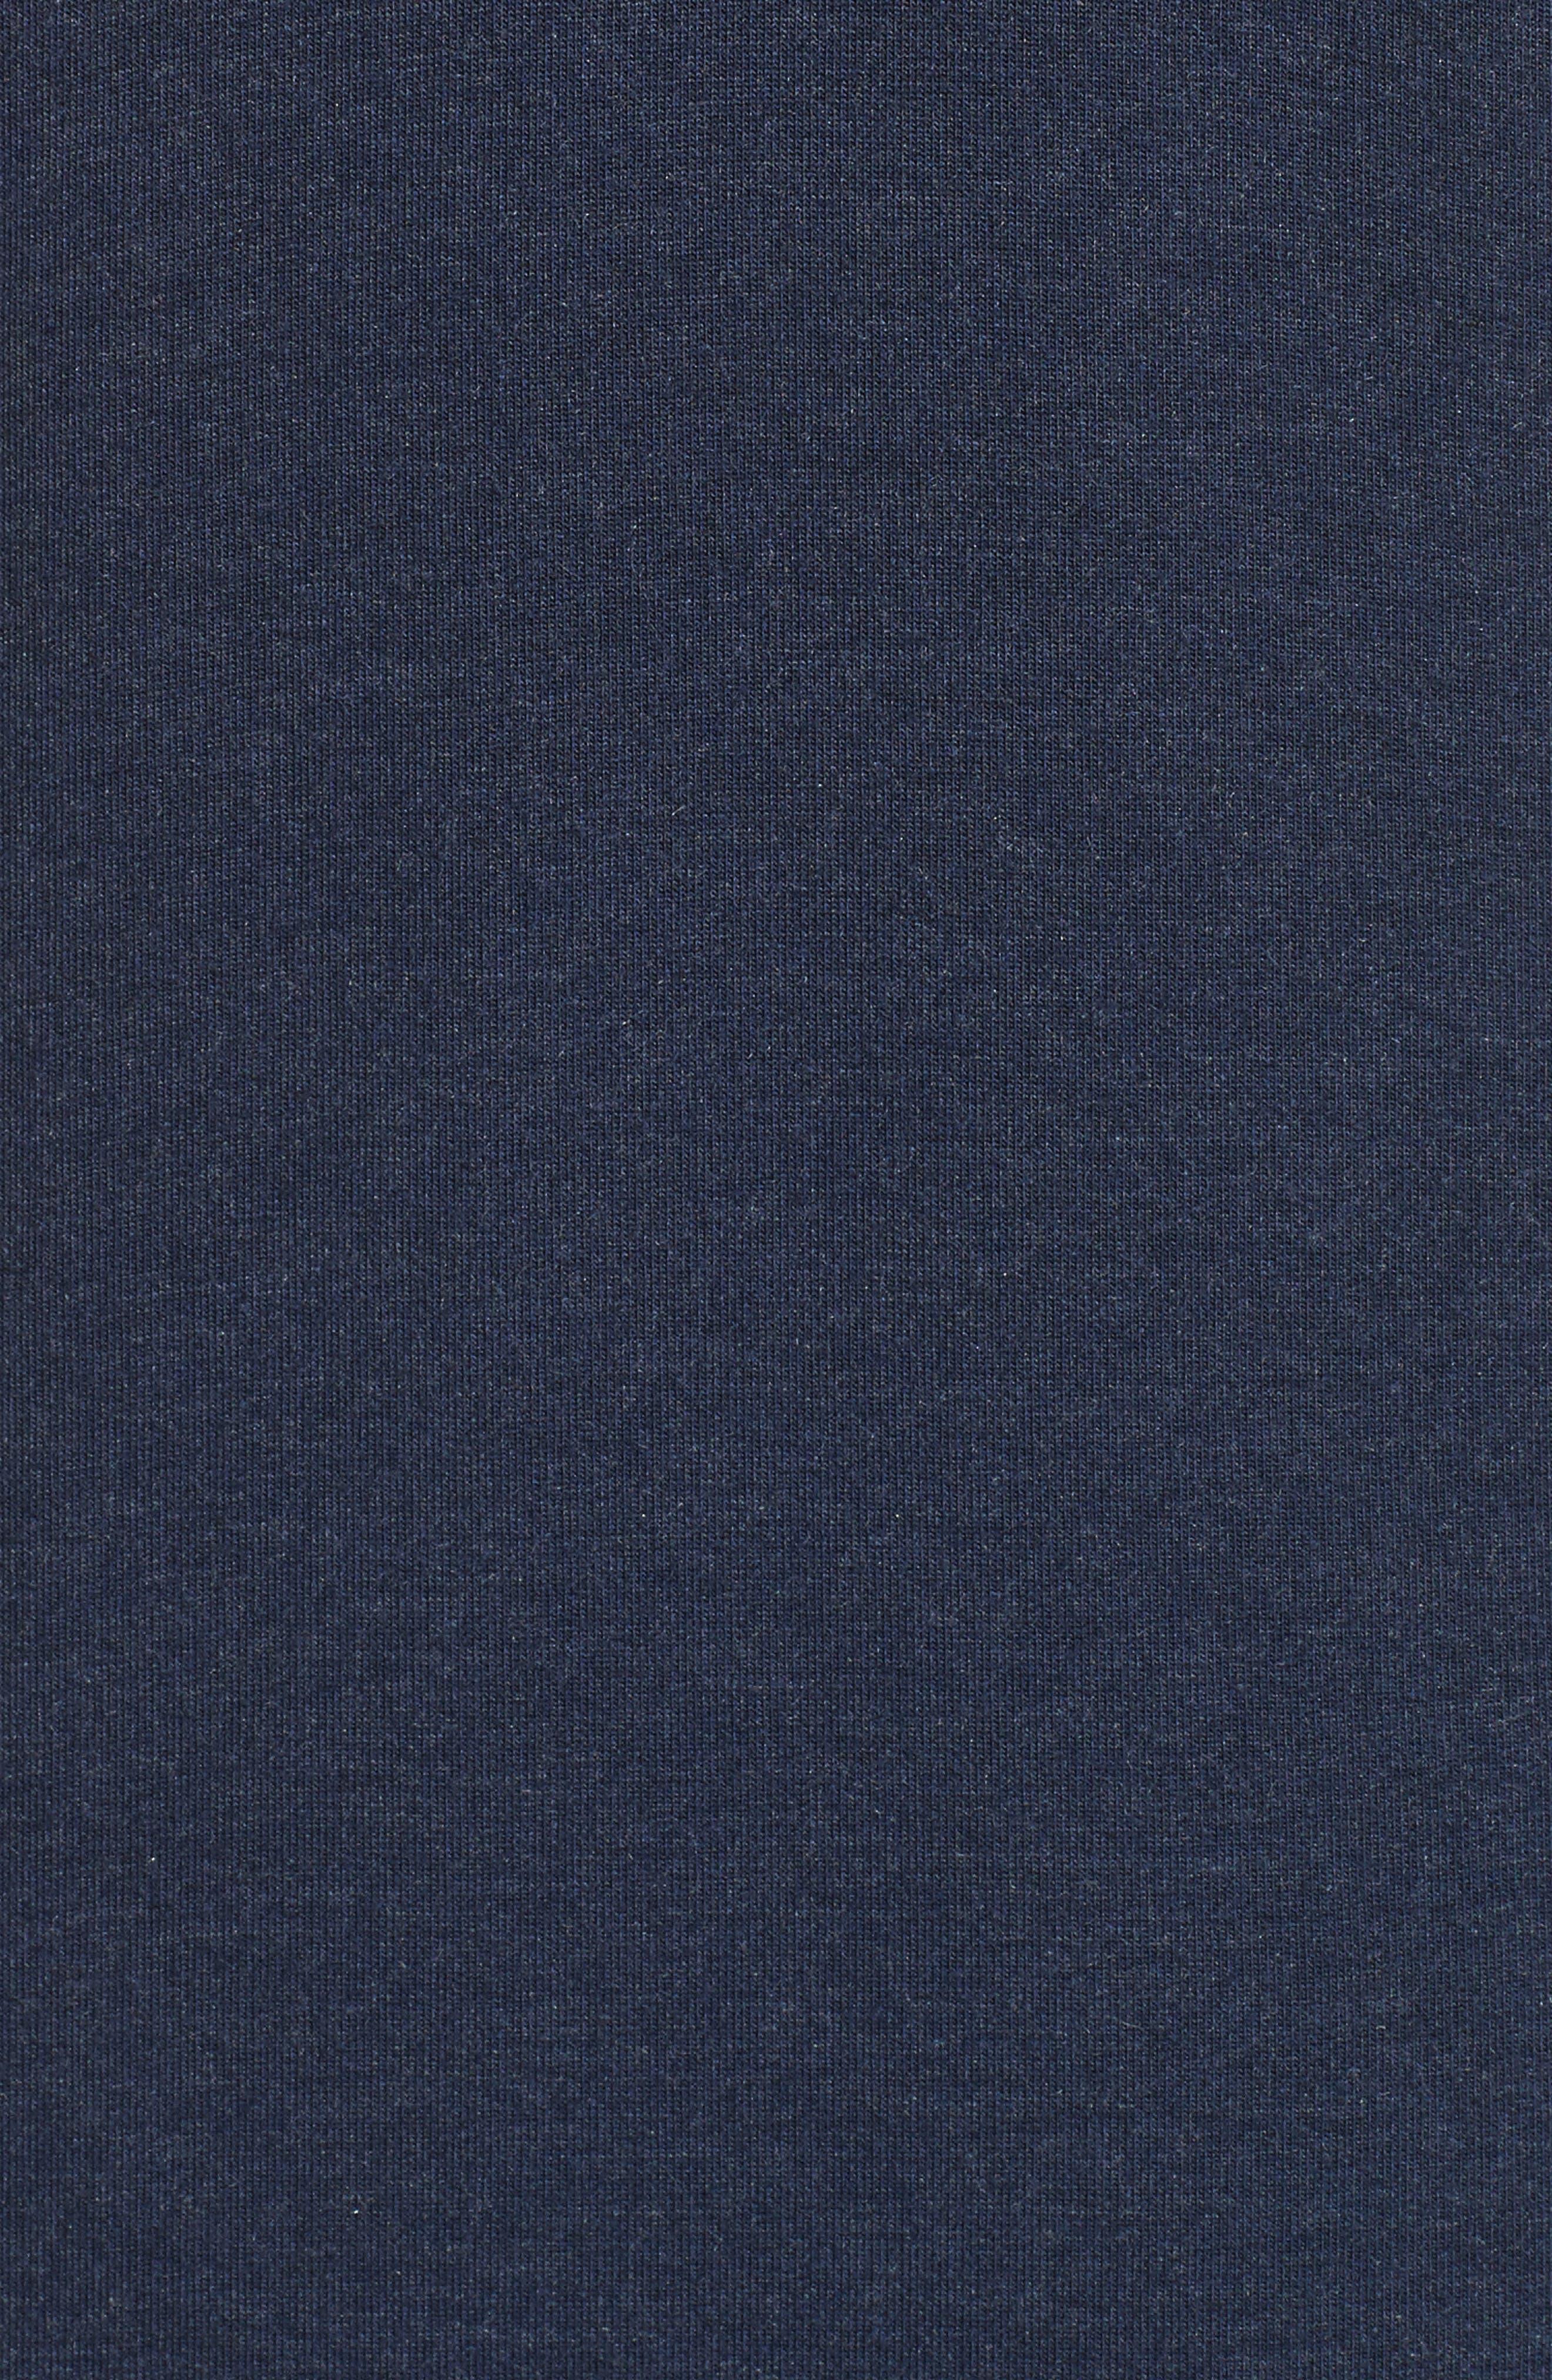 Pocket Midi Dress,                             Alternate thumbnail 5, color,                             452